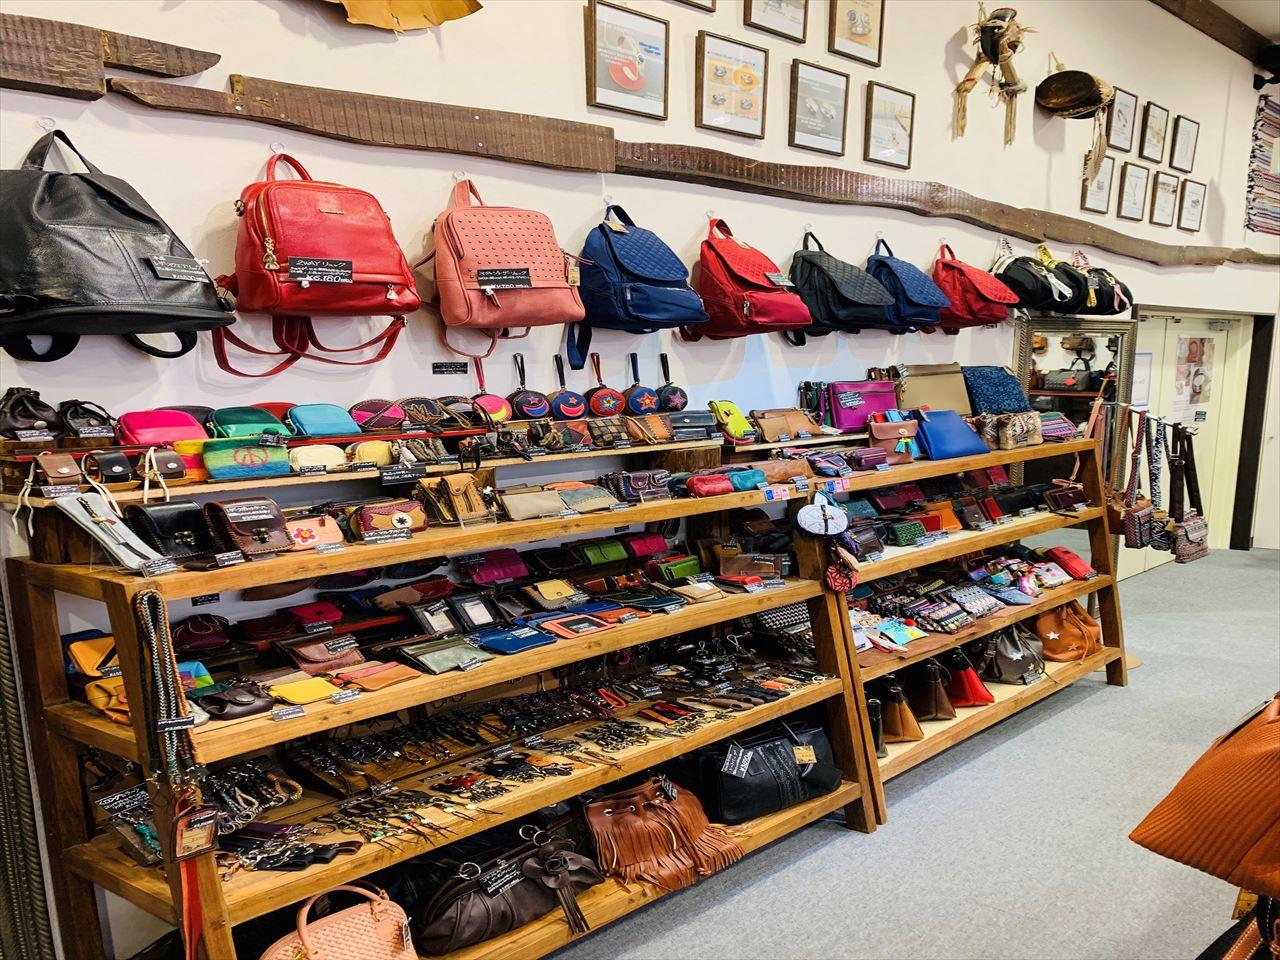 ノースクラフト・ウィル イオンモール日の出店/アクセサリー・革製品・服飾雑貨販売スタッフ(ID:83929)|【公式】イオンモール日の出求人サイト